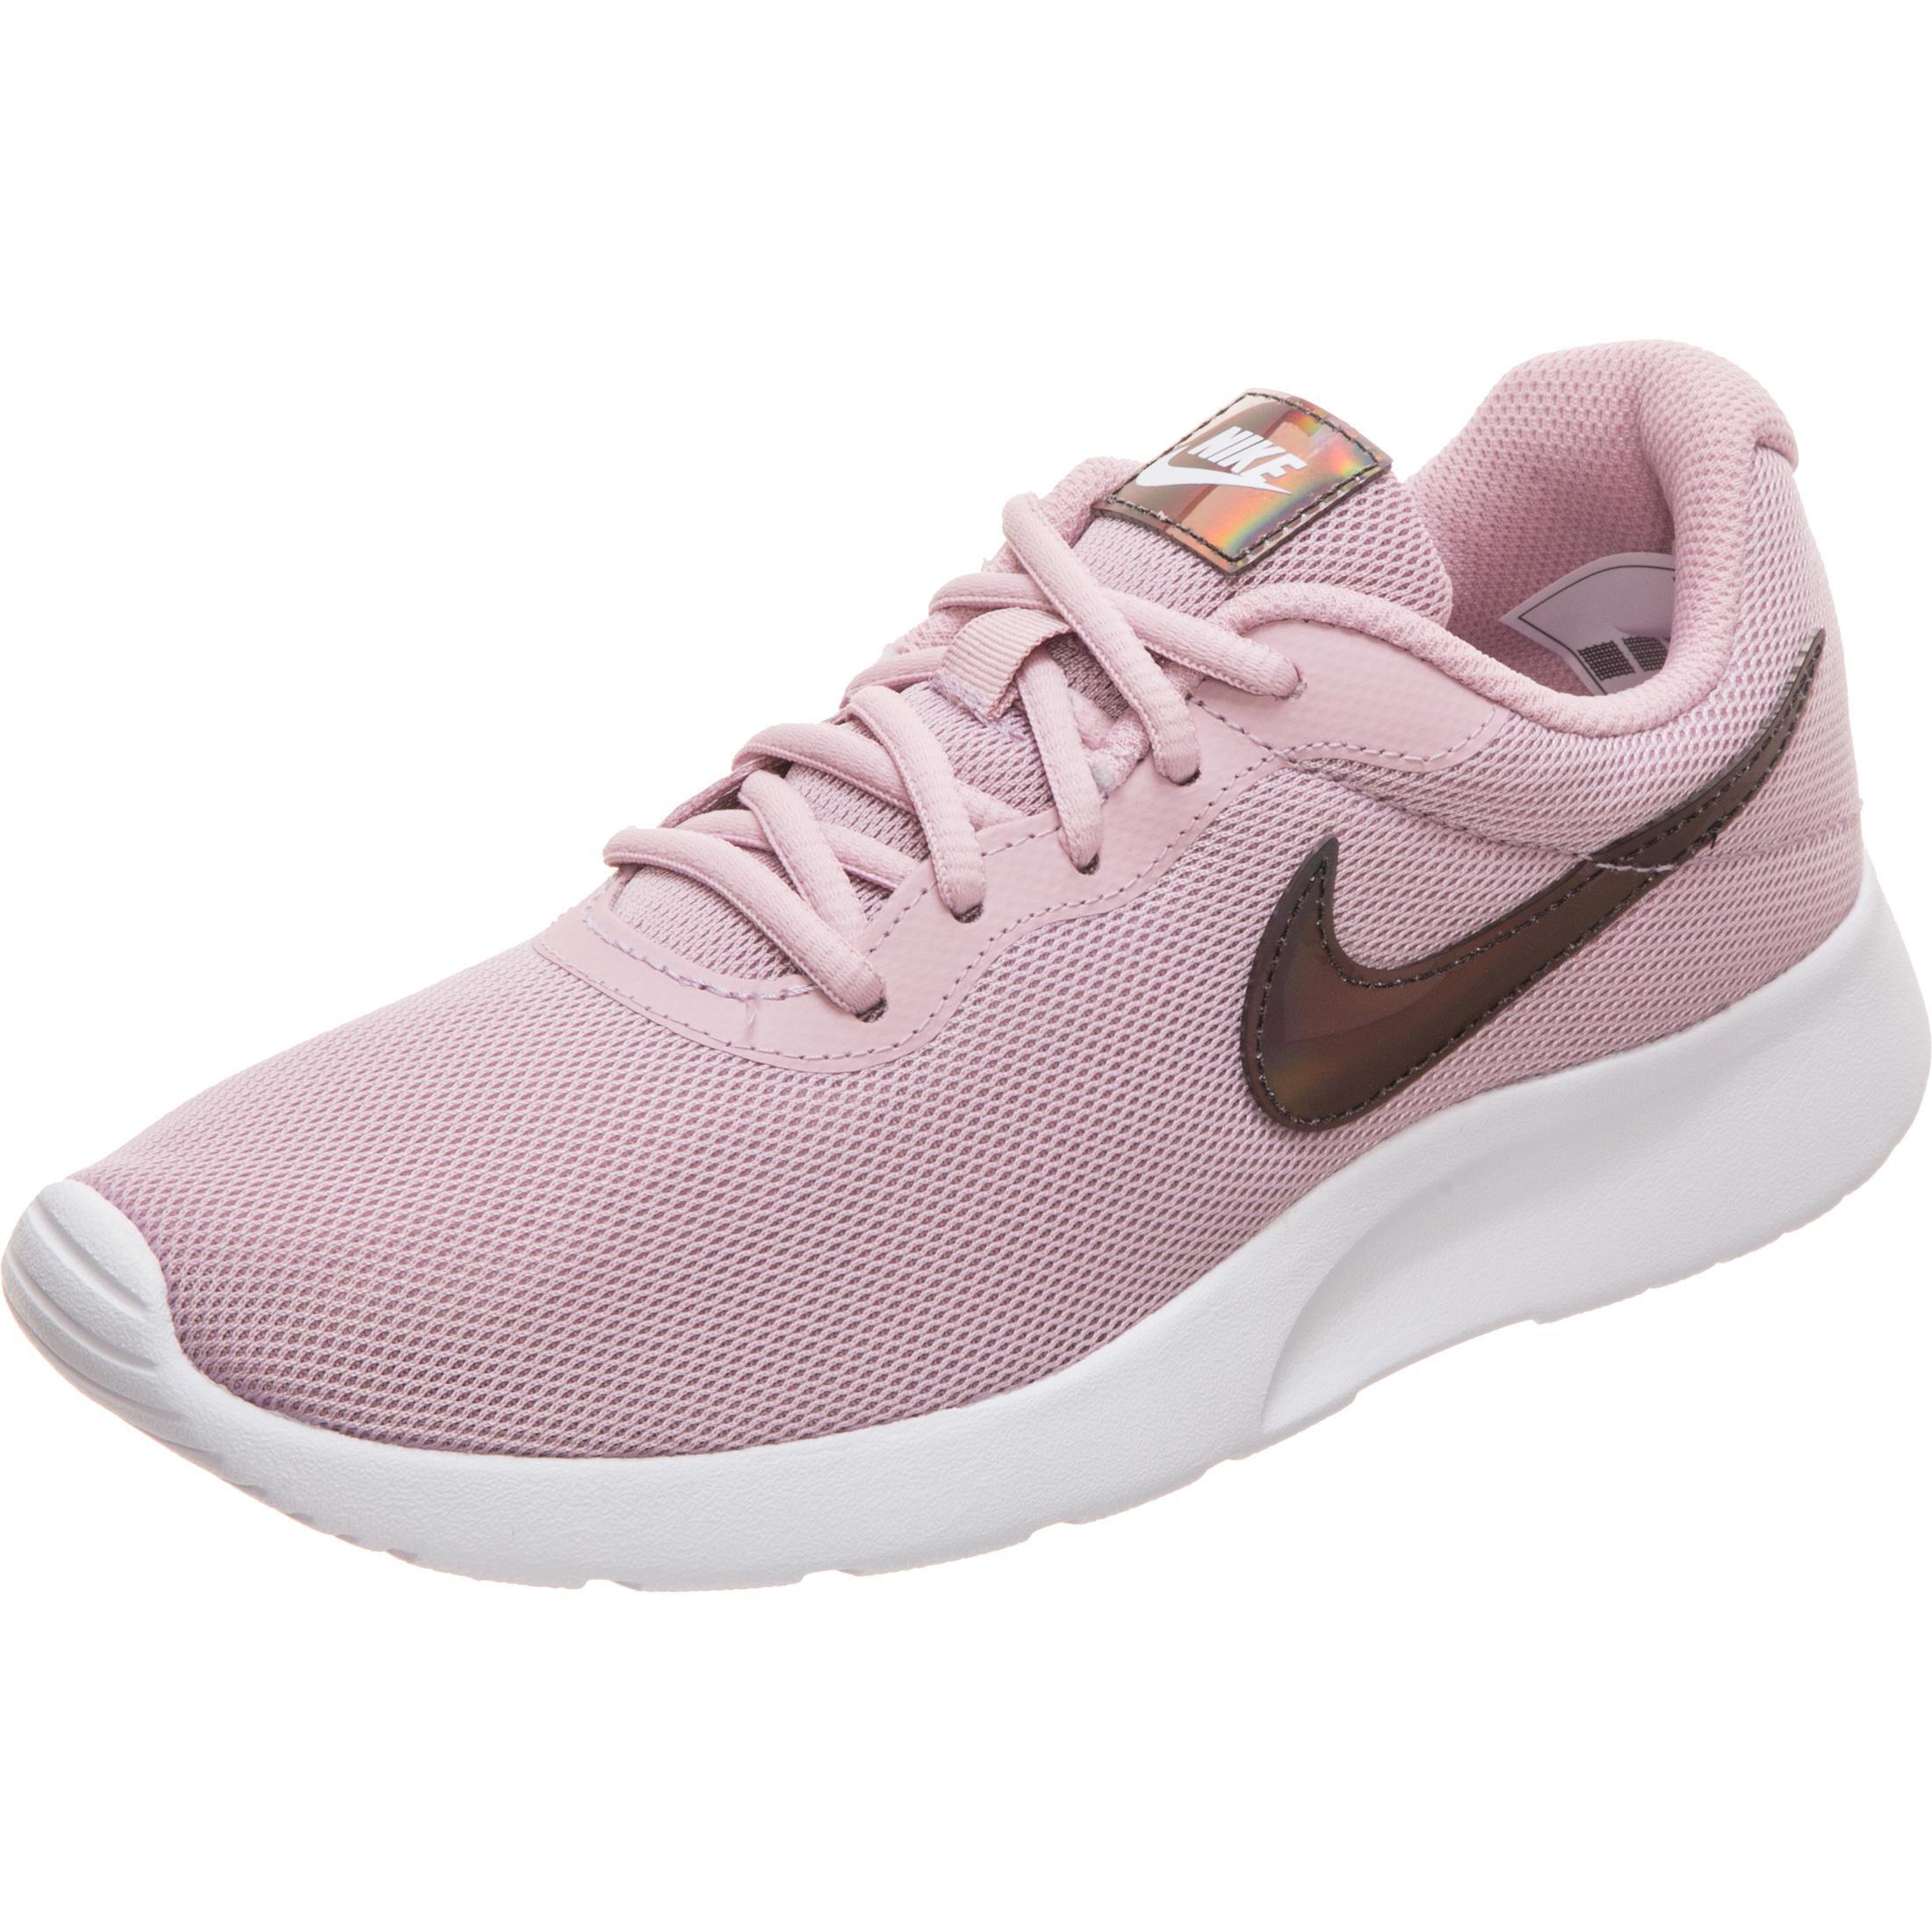 Nike Tanjun Turnschuhe Damen altRosa   bordeaux im Online Shop von SportScheck kaufen Gute Qualität beliebte Schuhe